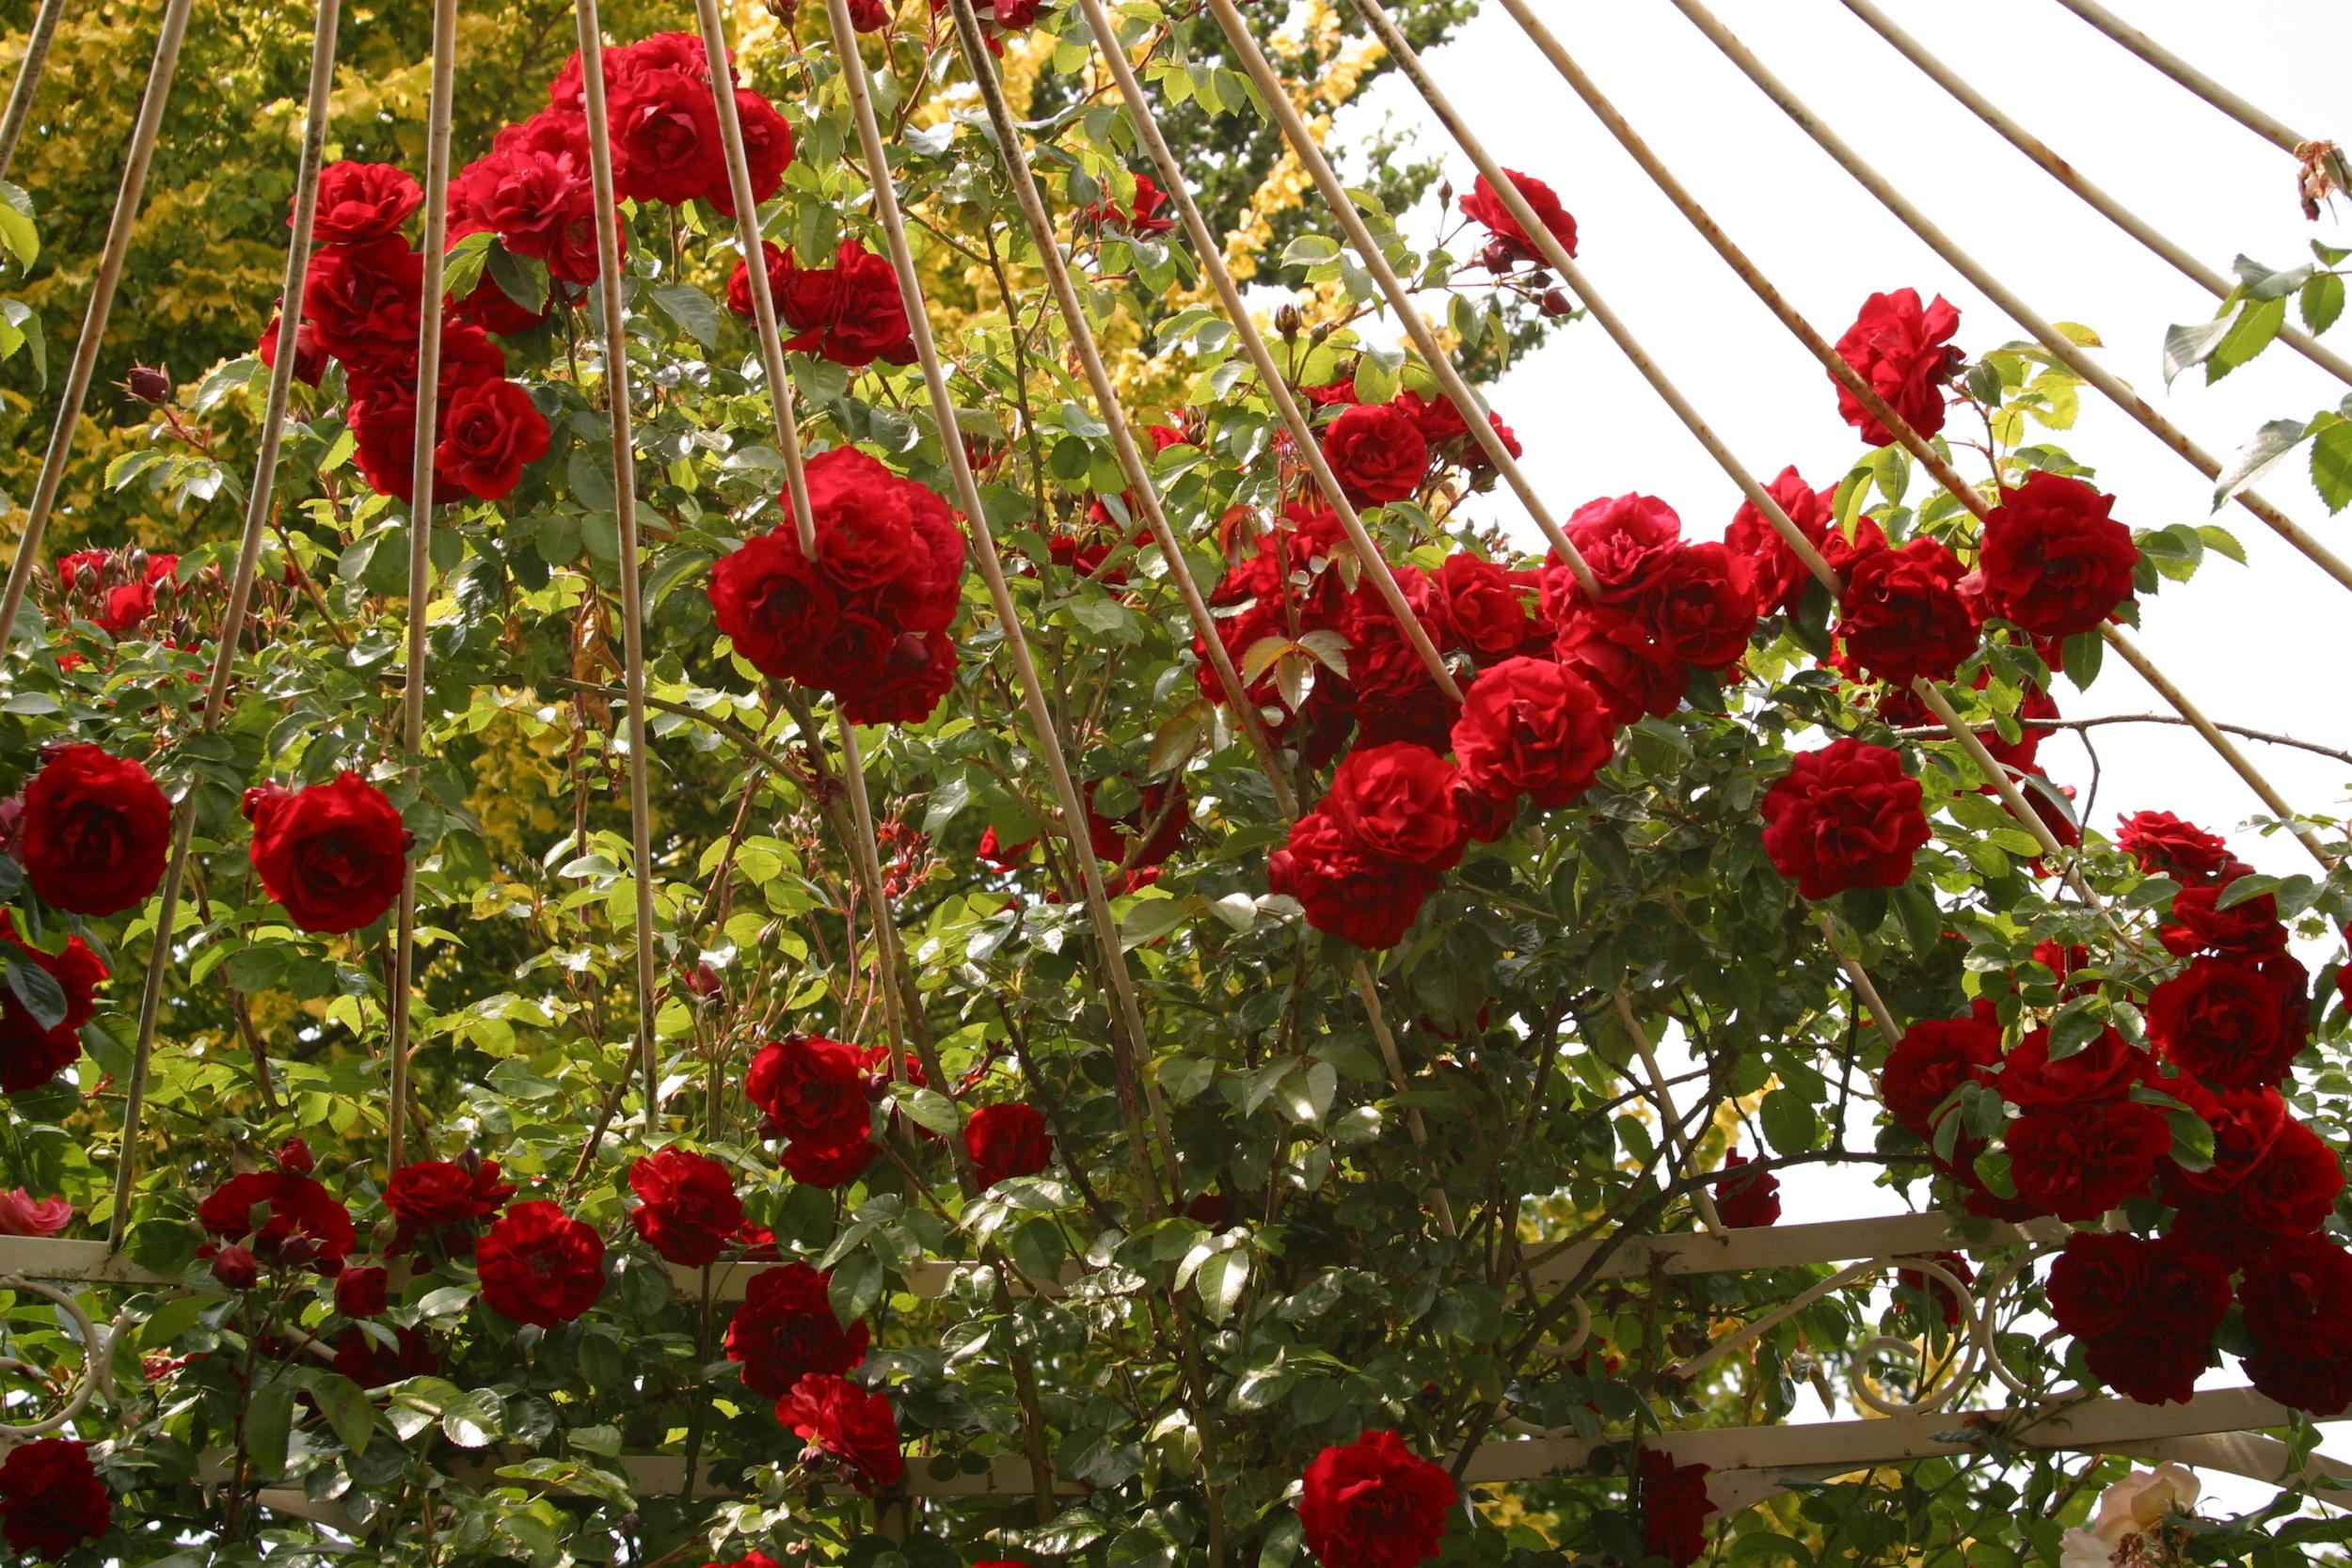 La collection globe planter rosier super conquerant for Arrosage amaryllis pendant la floraison